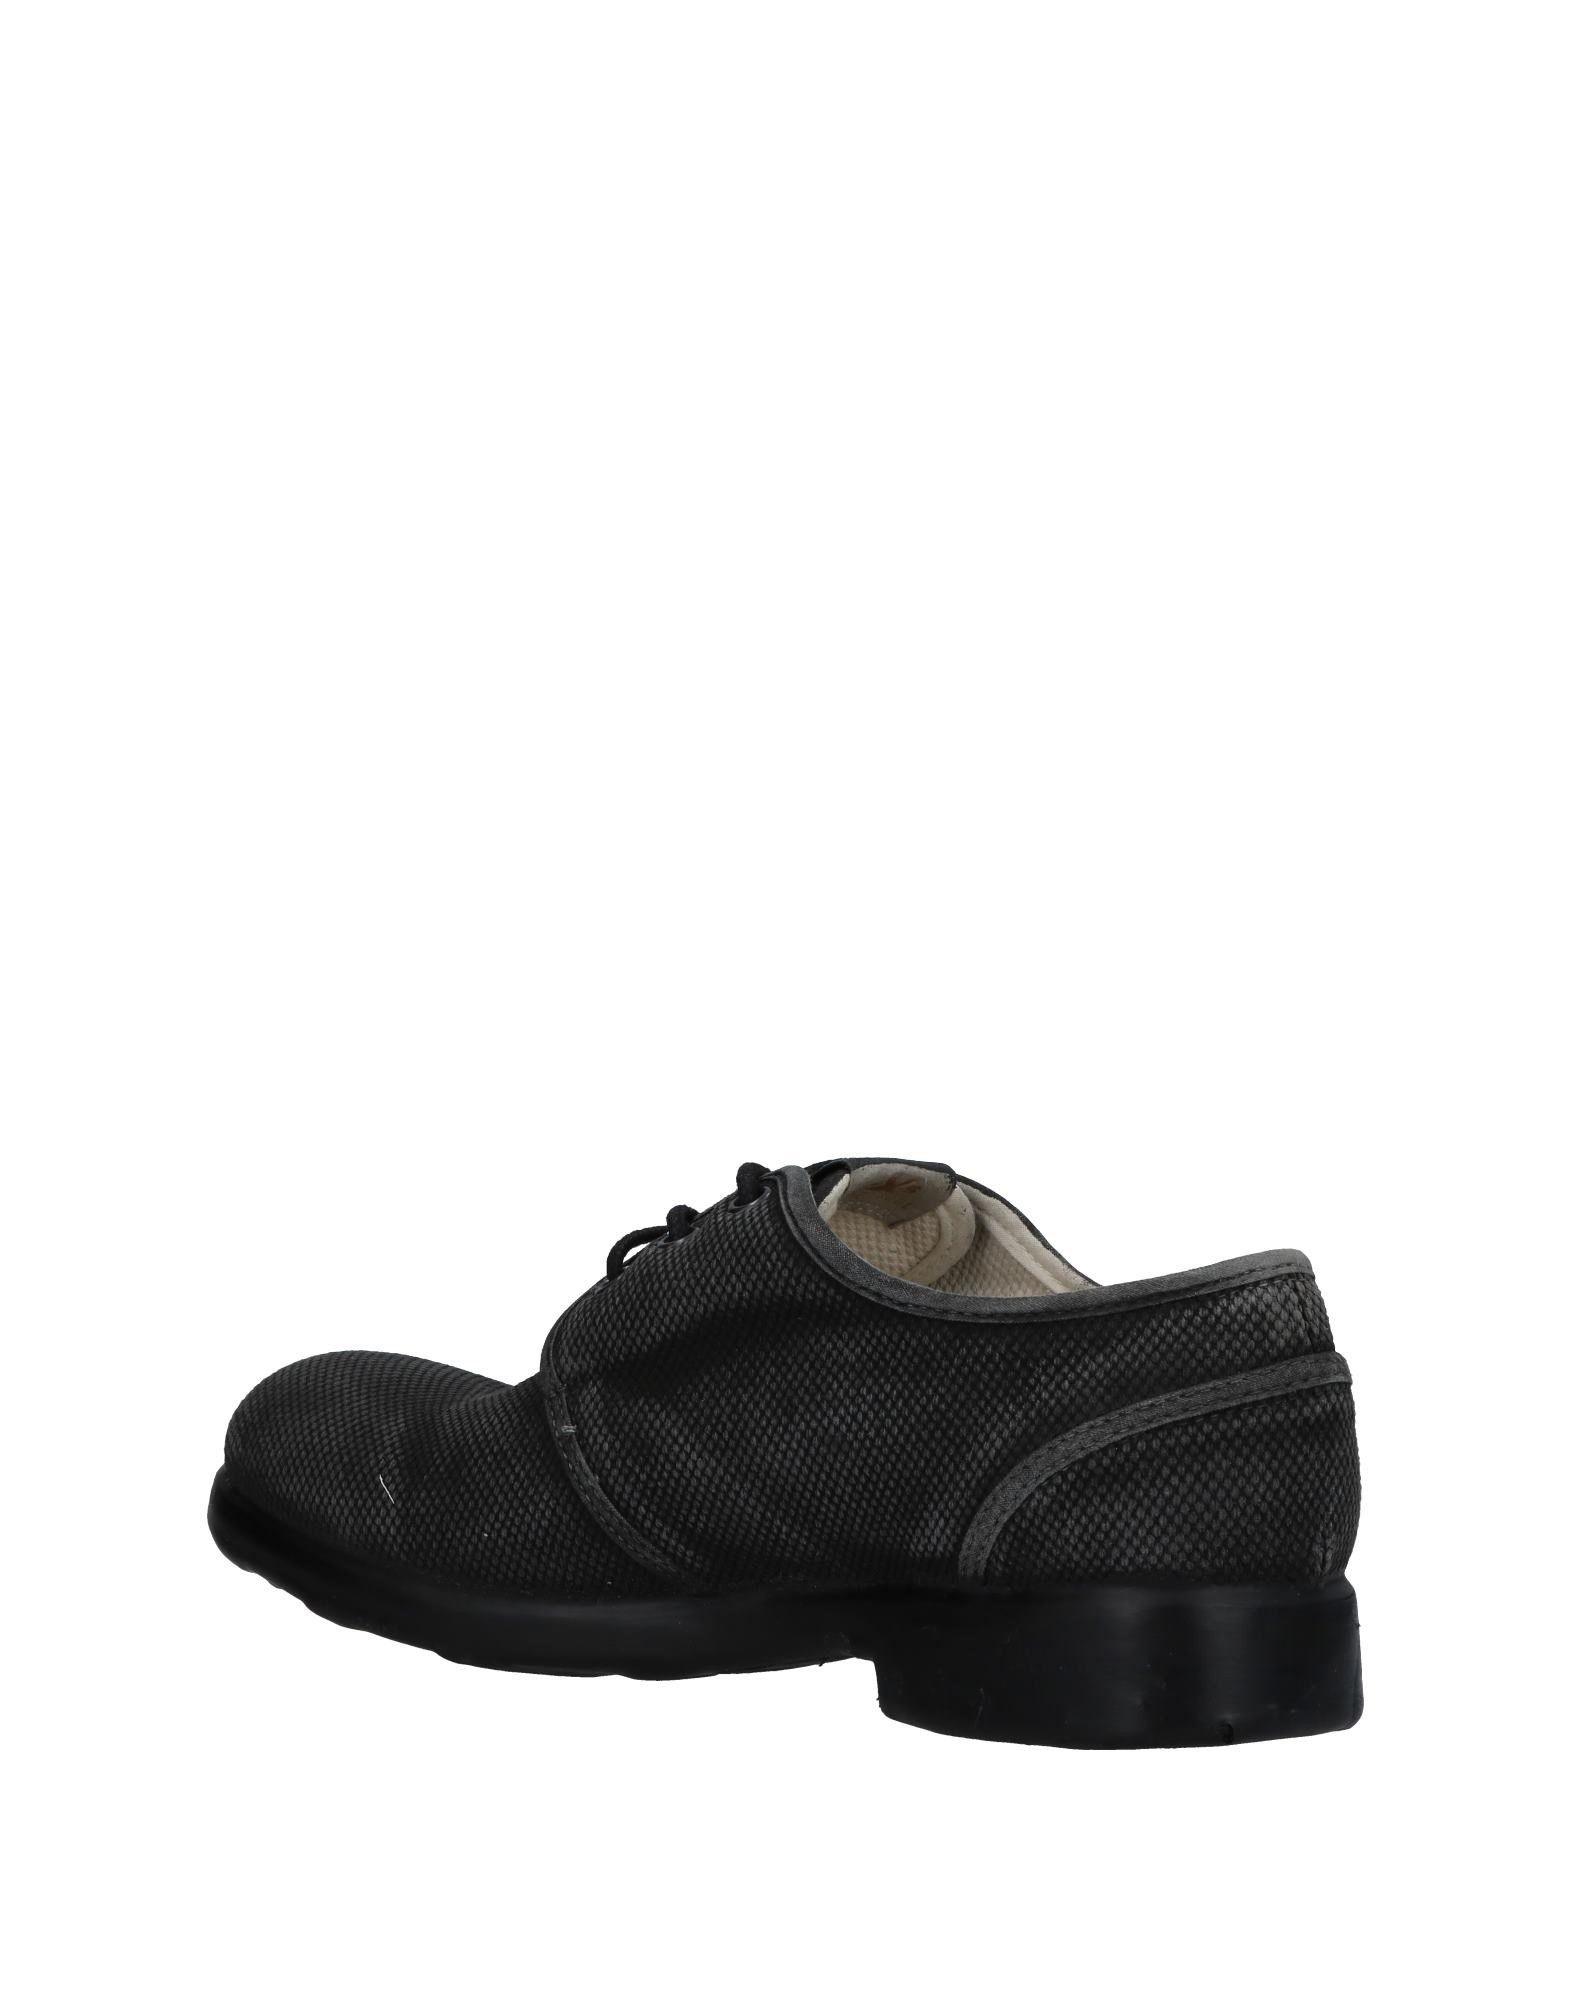 O.X.S. Schnürschuhe Damen  Qualität 11399674QQ Gute Qualität  beliebte Schuhe 6a7f07